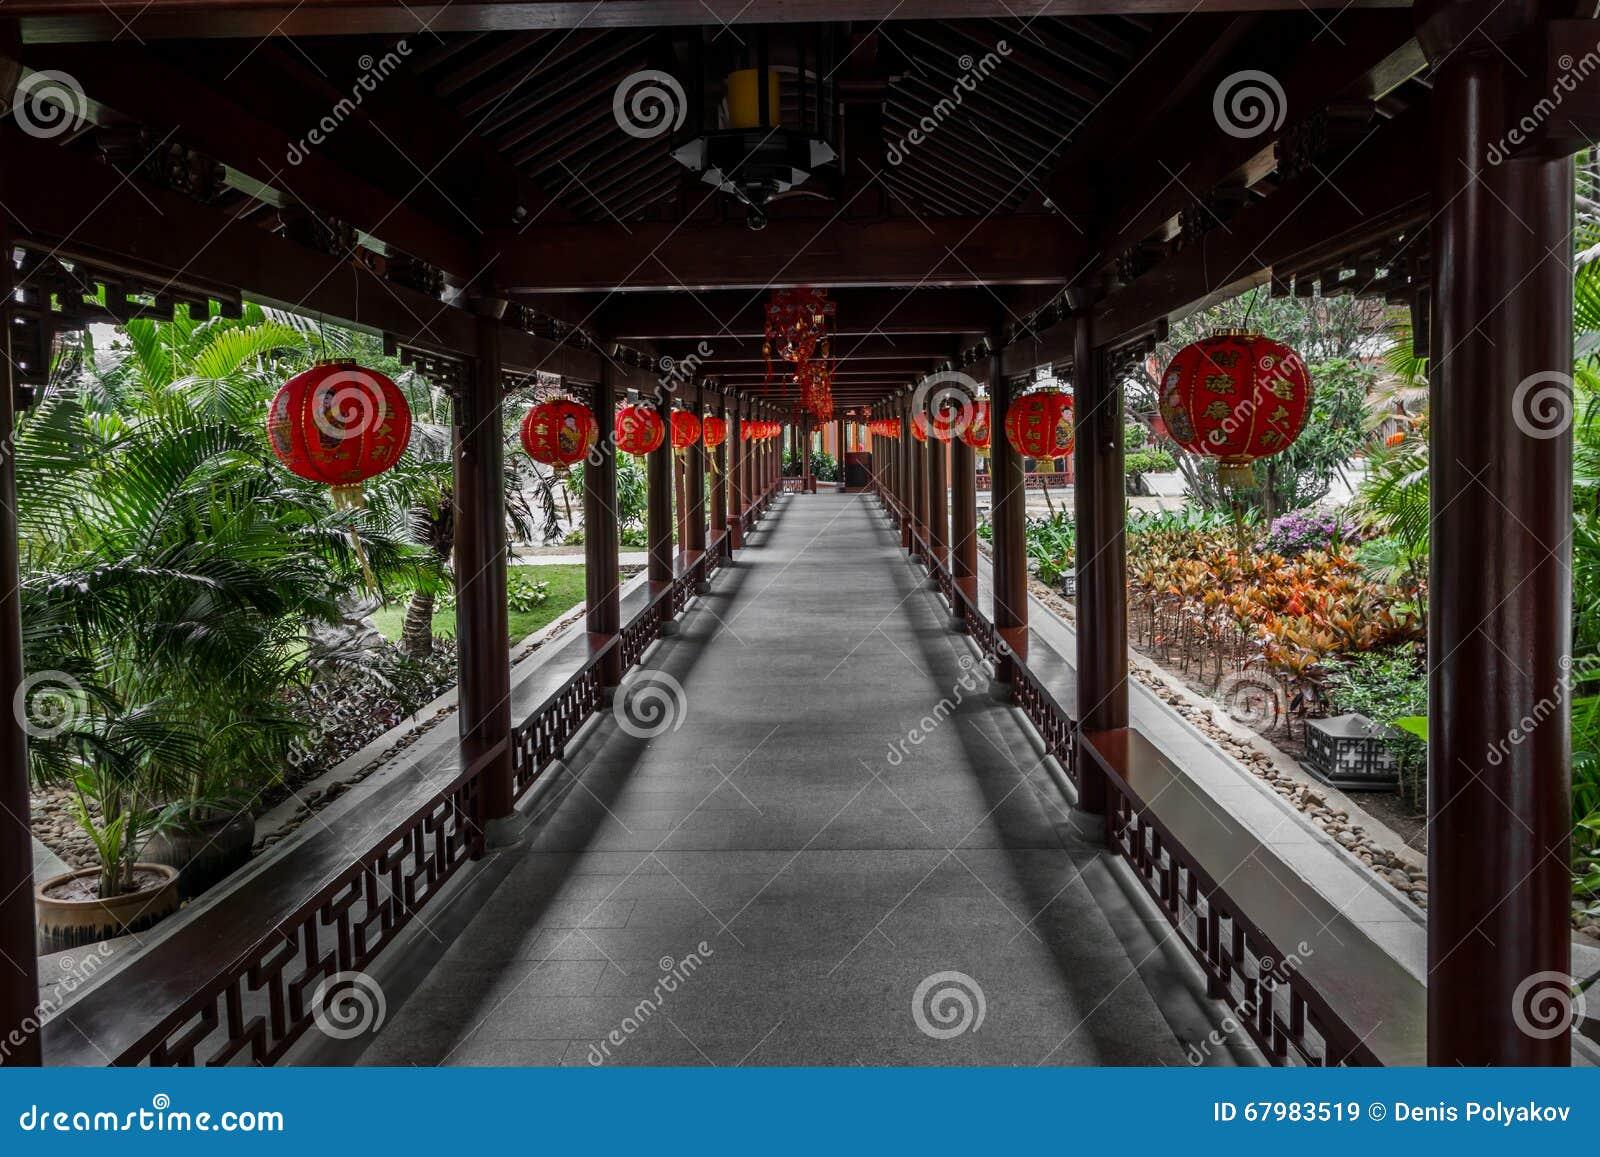 Decorazioni Con Lanterne Cinesi : Corridoio decorato con le lanterne cinesi immagine stock